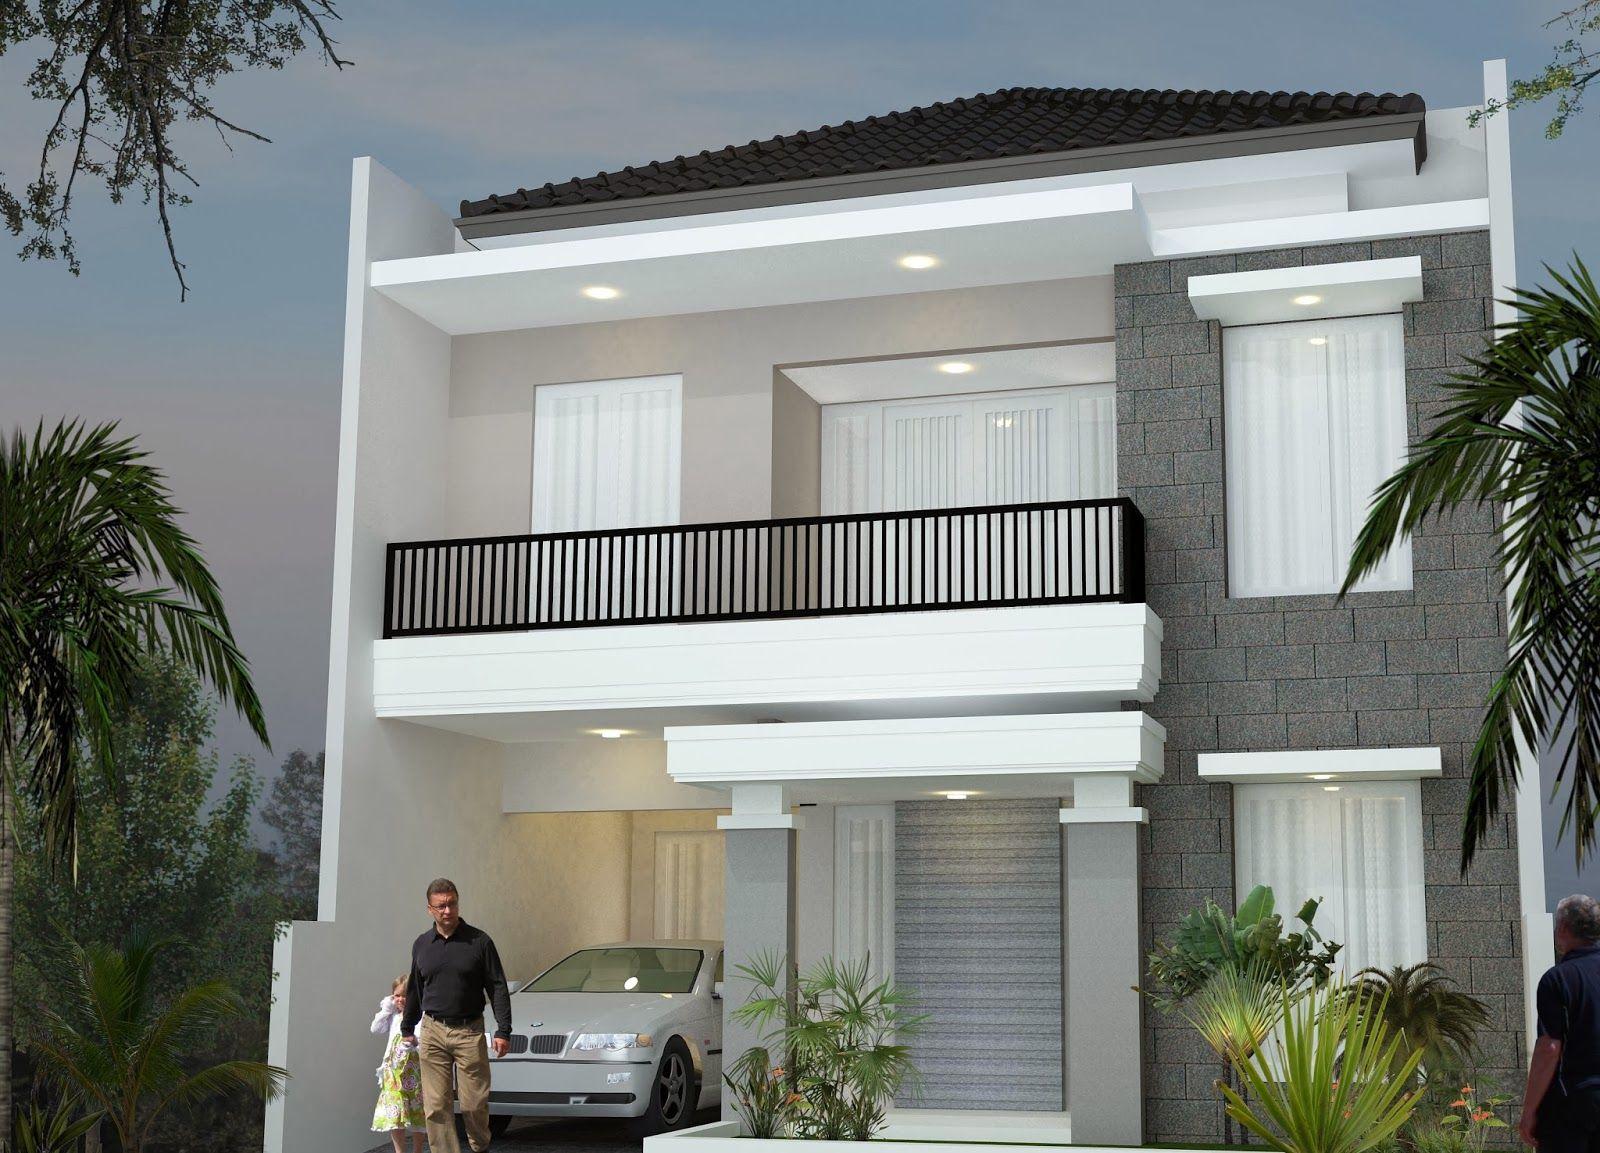 House Minimalis minimalist design house 2nd floor | desain rumah minimalis 2